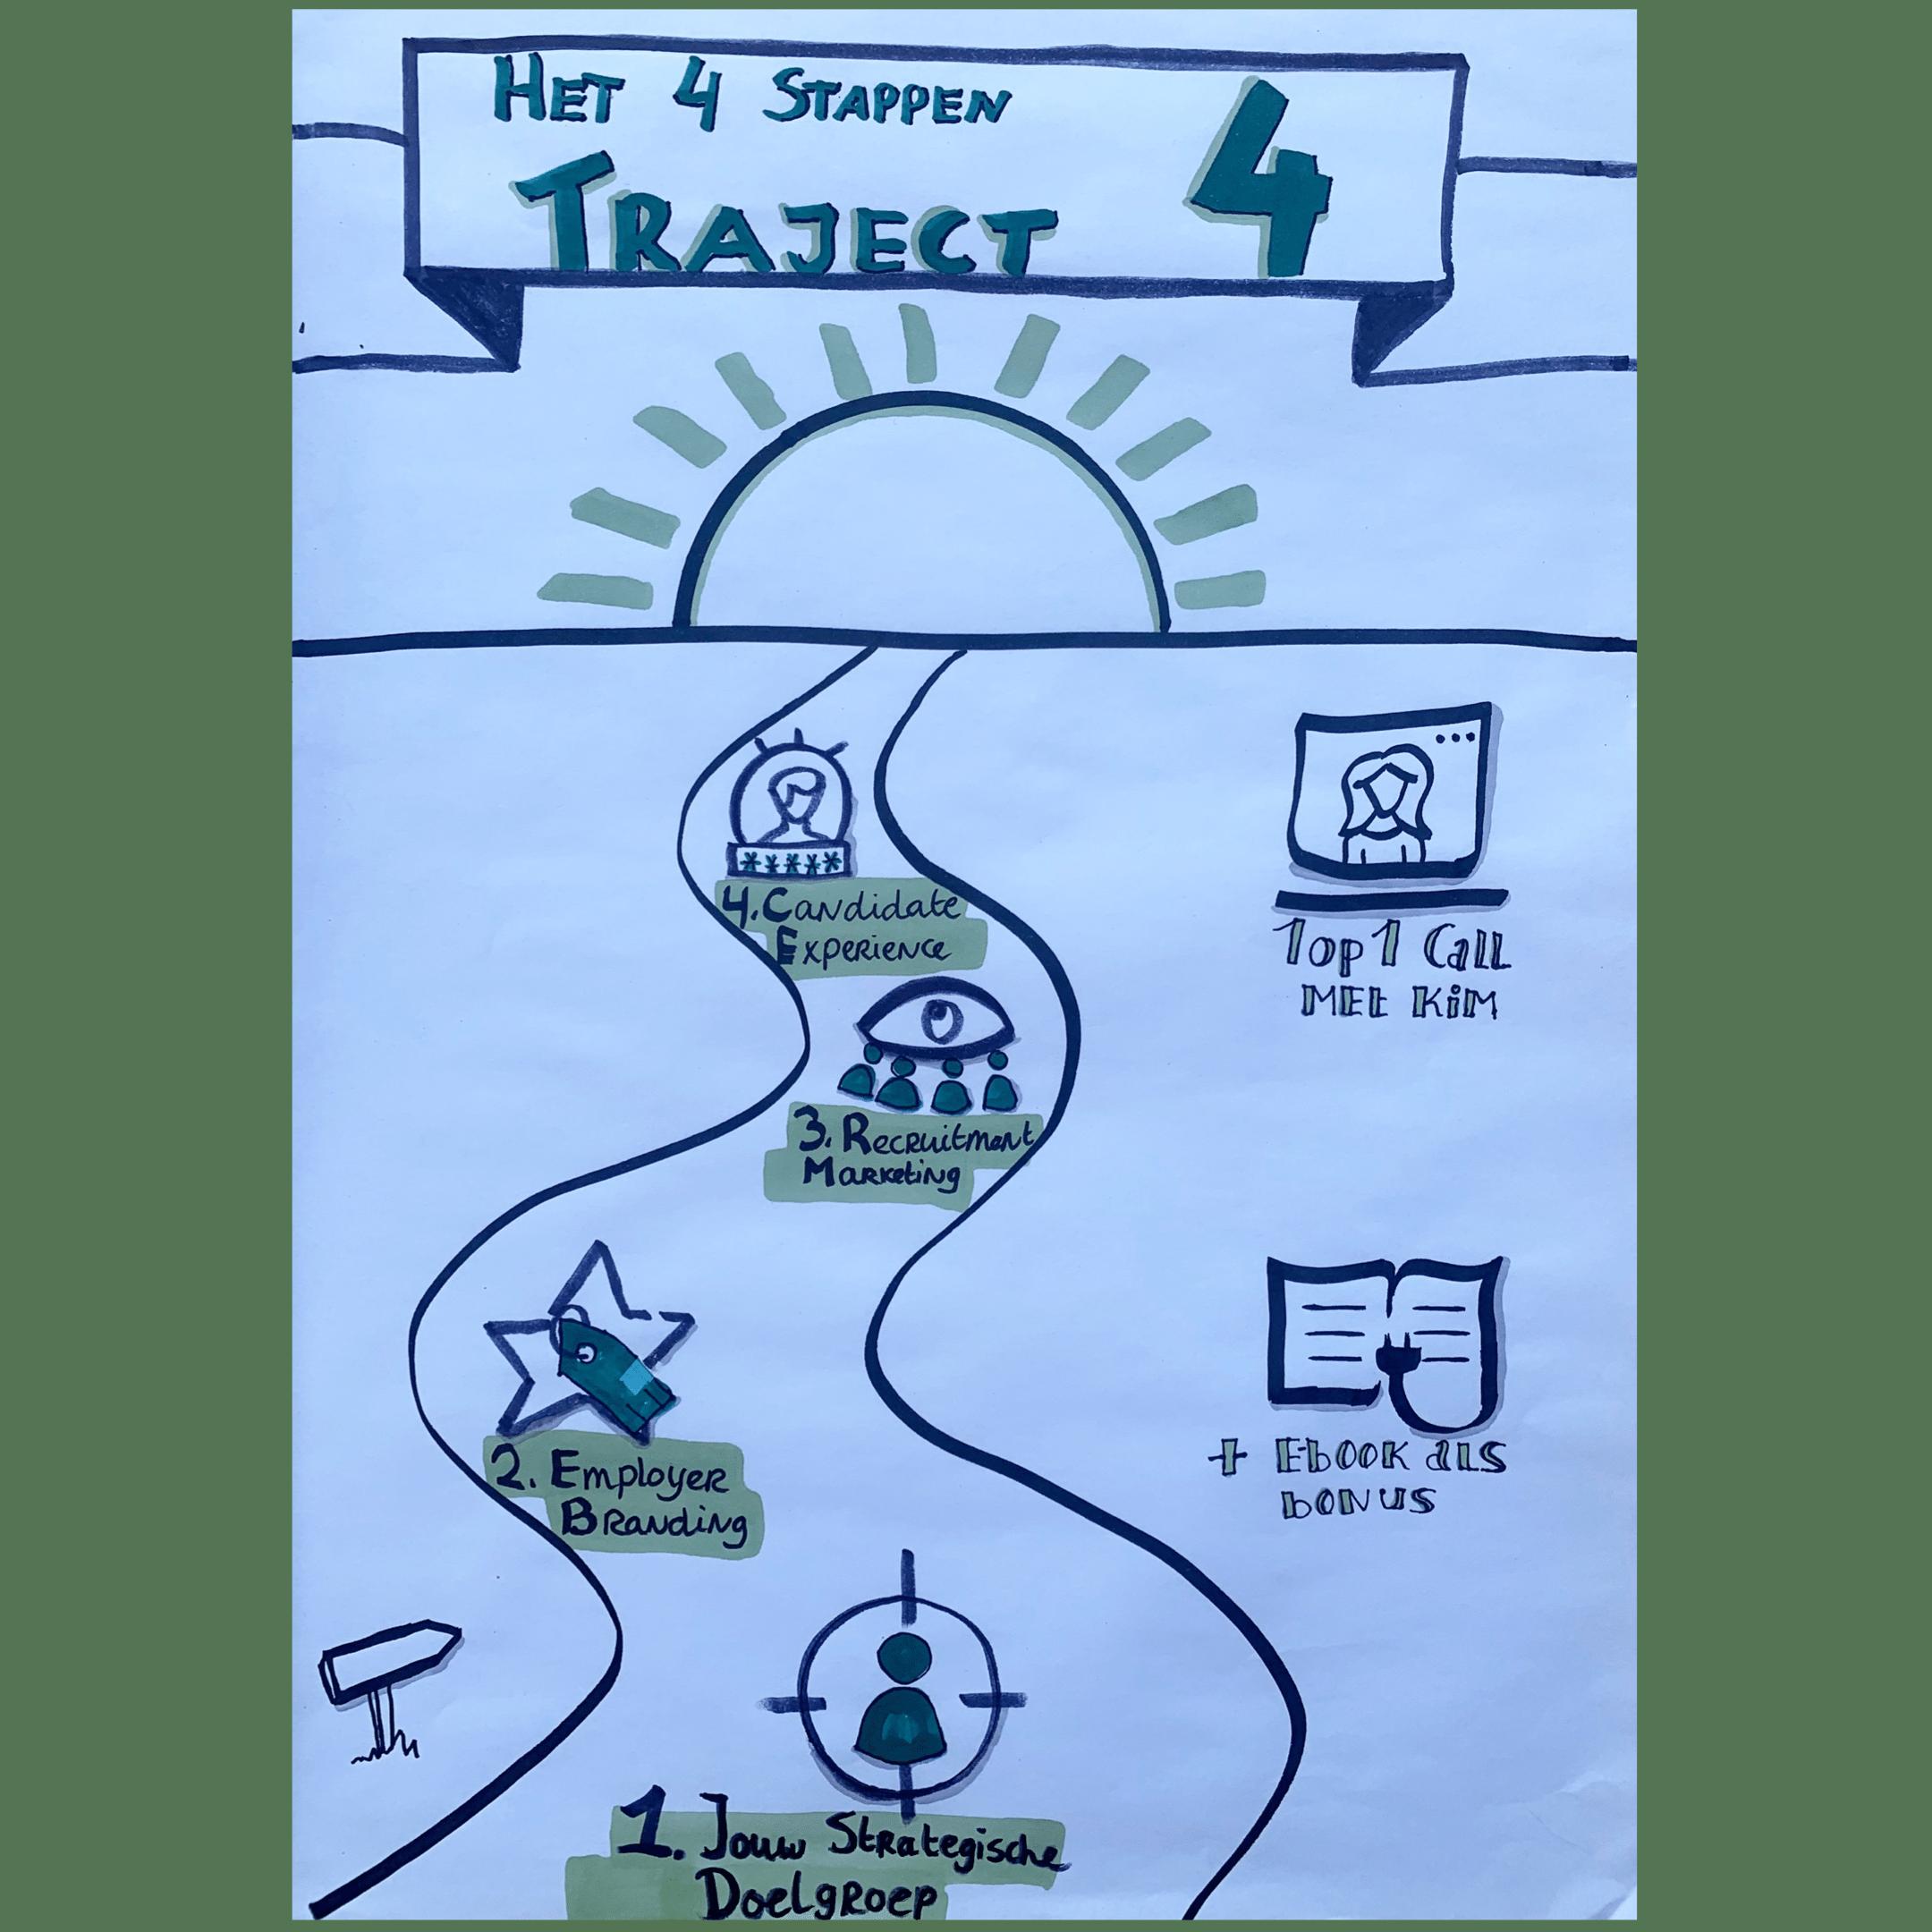 Het 4 stappen traject